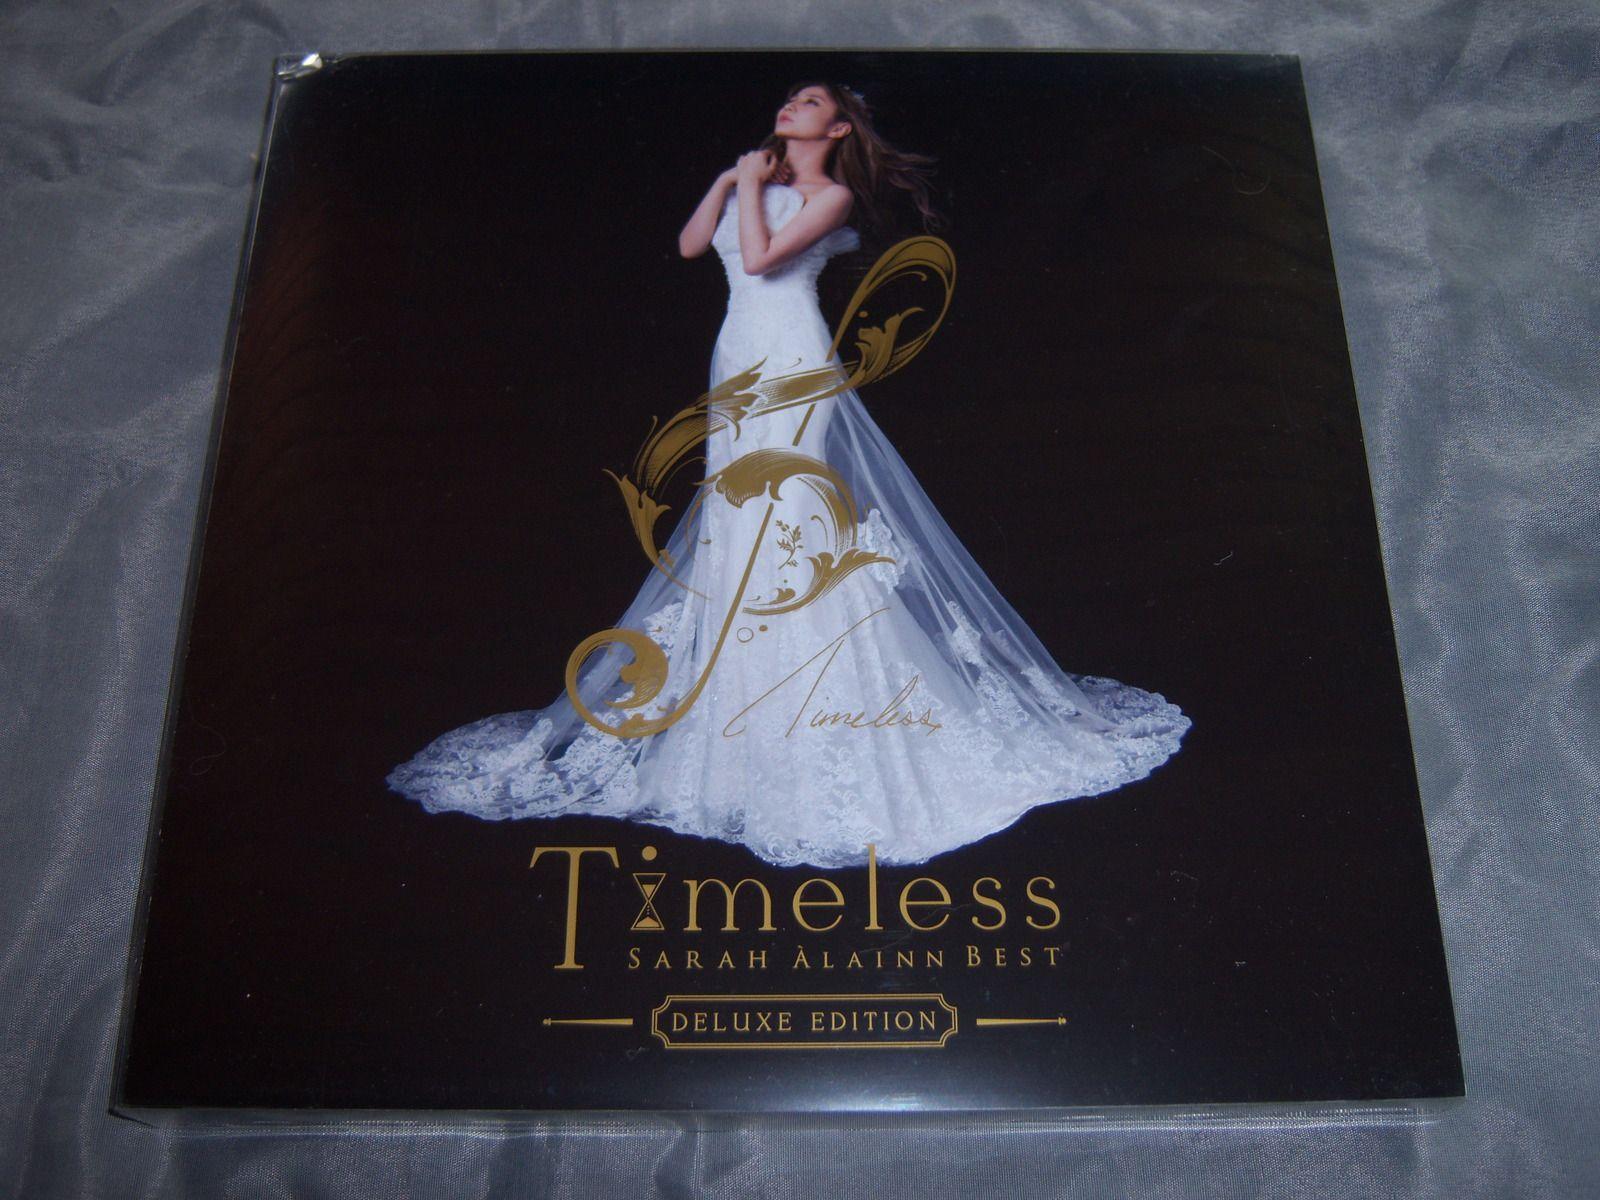 Timeless - Sarah Àlainn Best [Deluxe Edition]